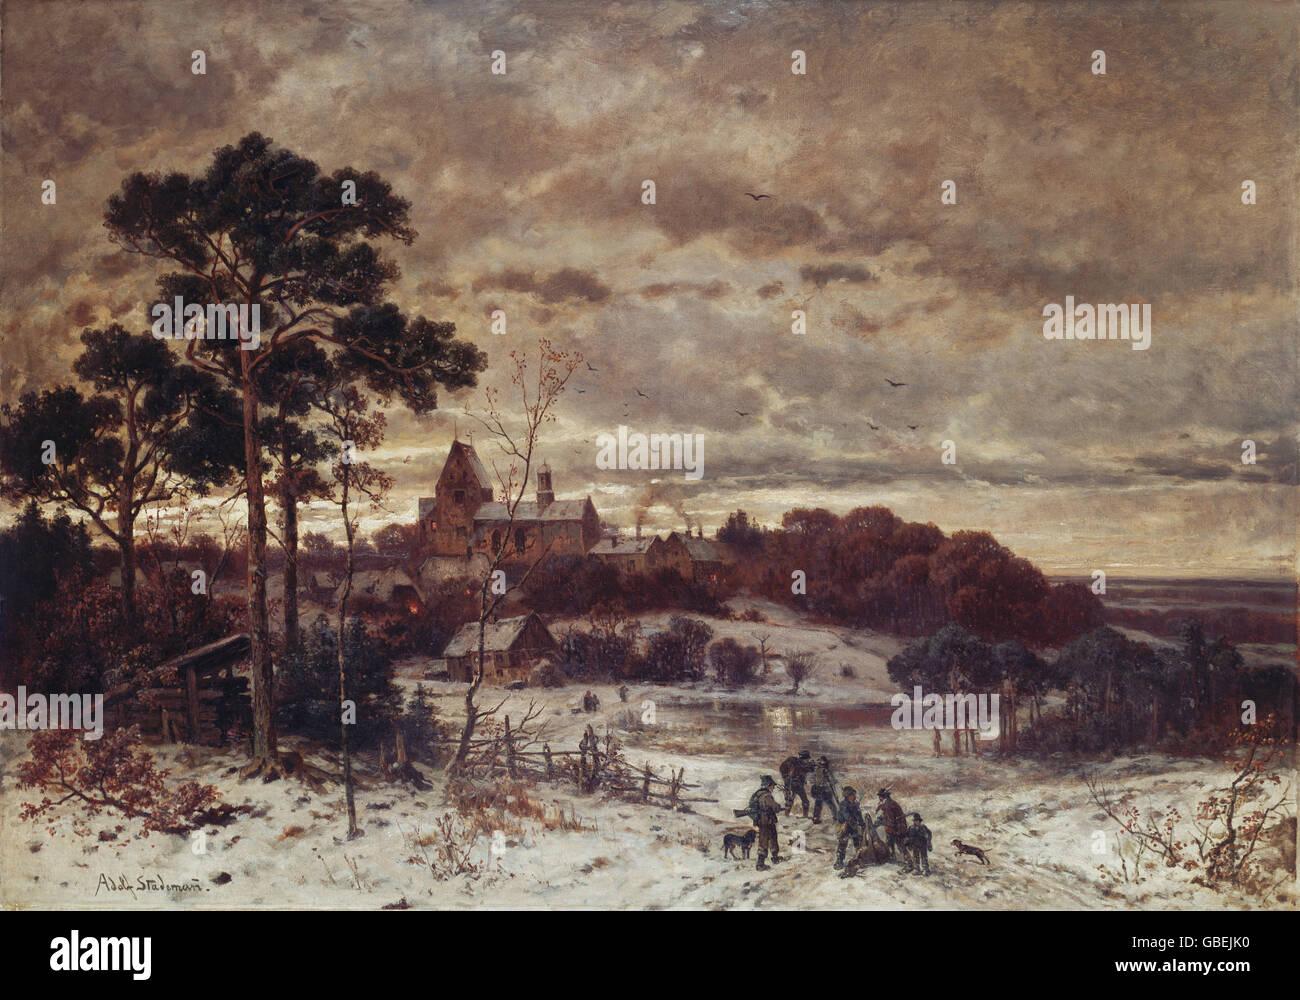 """Bildende Kunst, Stademann, Adolf (1824-1895), """"Schloss Kalkberg"""", München, Meiserstrasse Depot, Malerei Stockbild"""